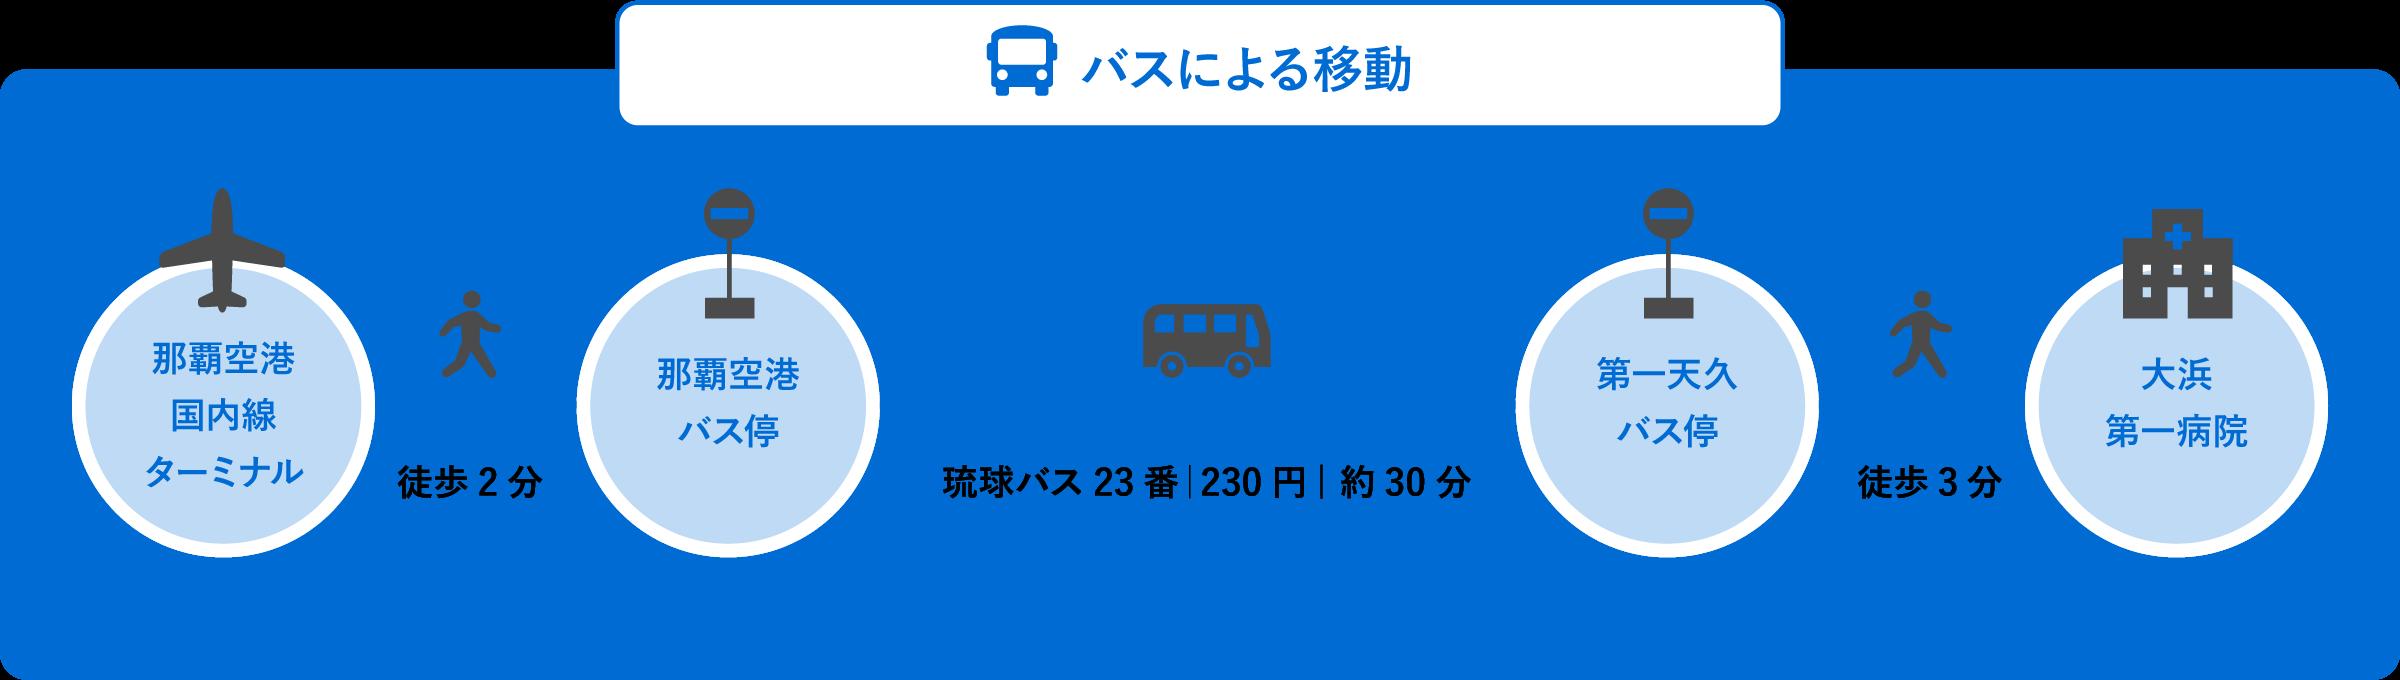 空港から大浜第一病院までのバスによる移動